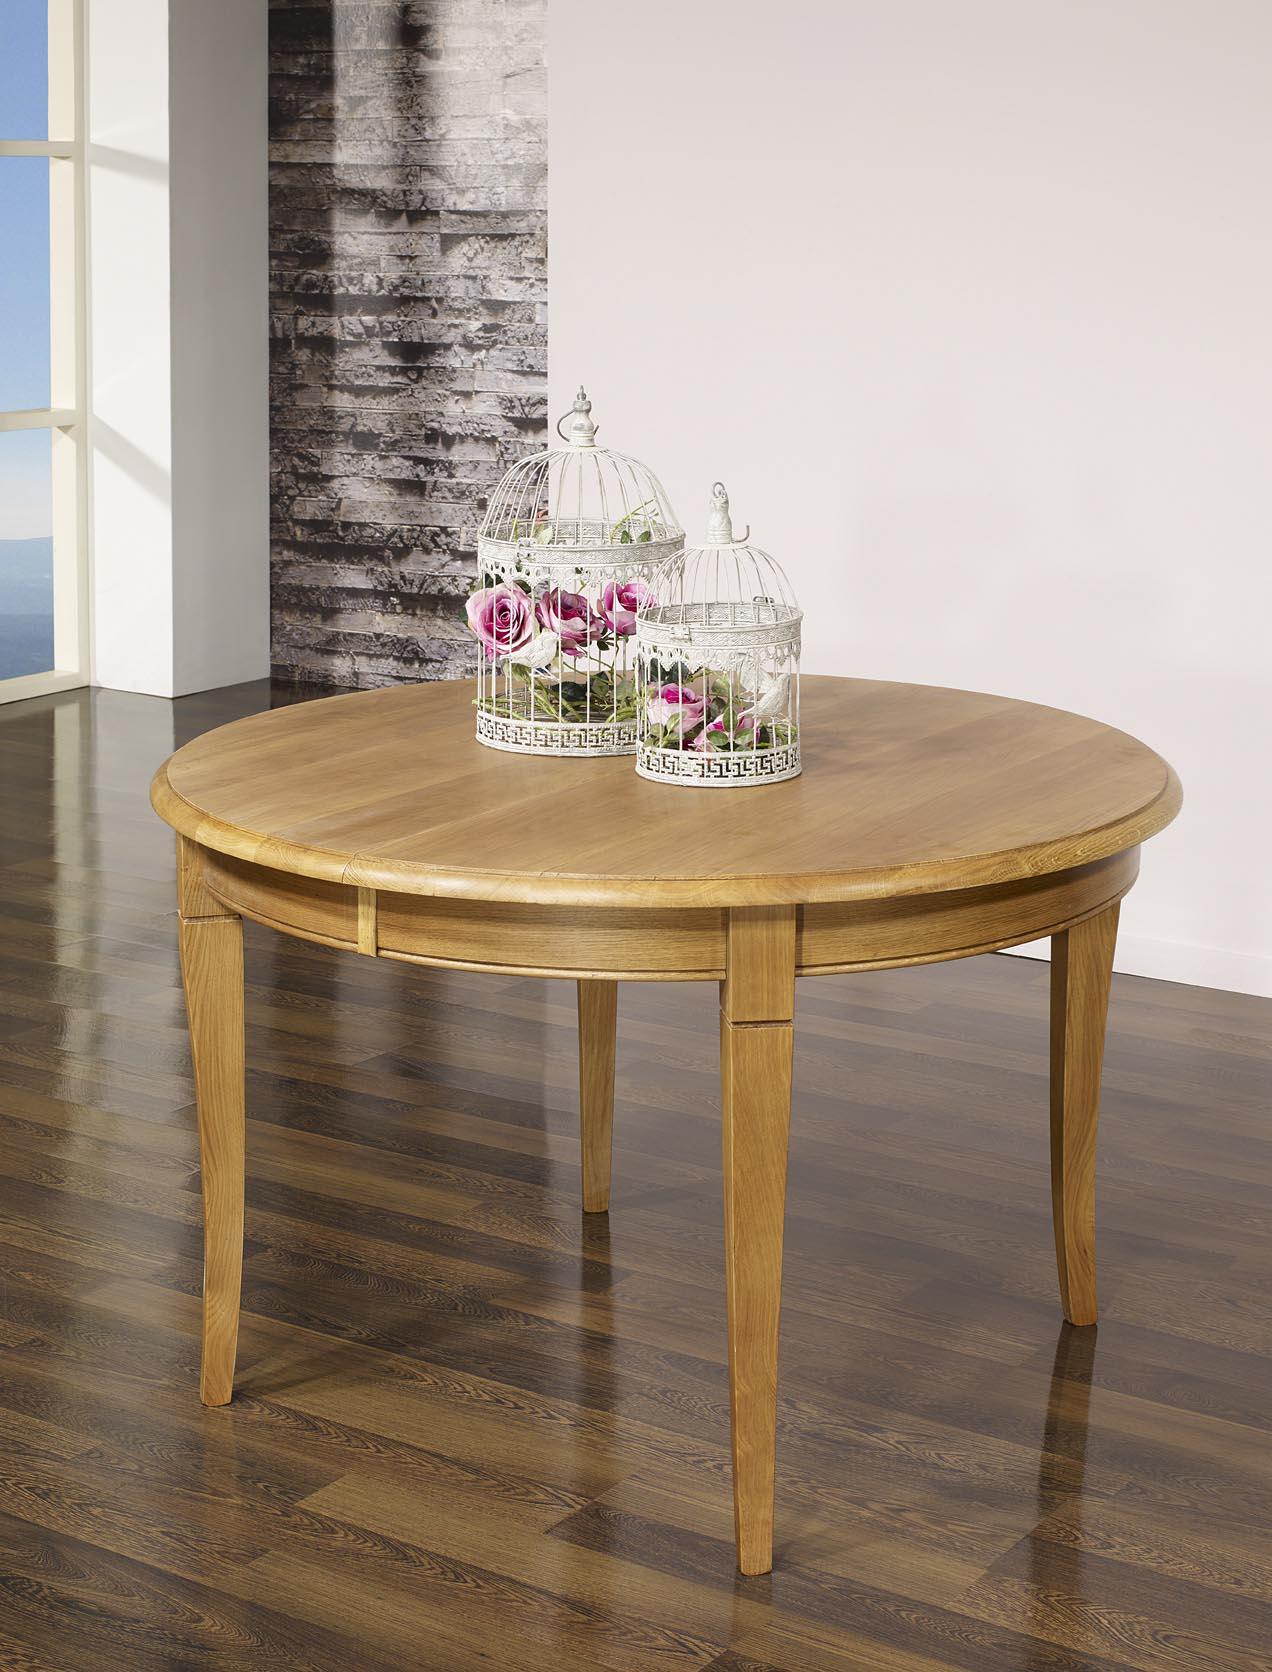 table ronde en ch ne massif de style louis philippe diametre 120 avec 5 allonges de 40 cm. Black Bedroom Furniture Sets. Home Design Ideas